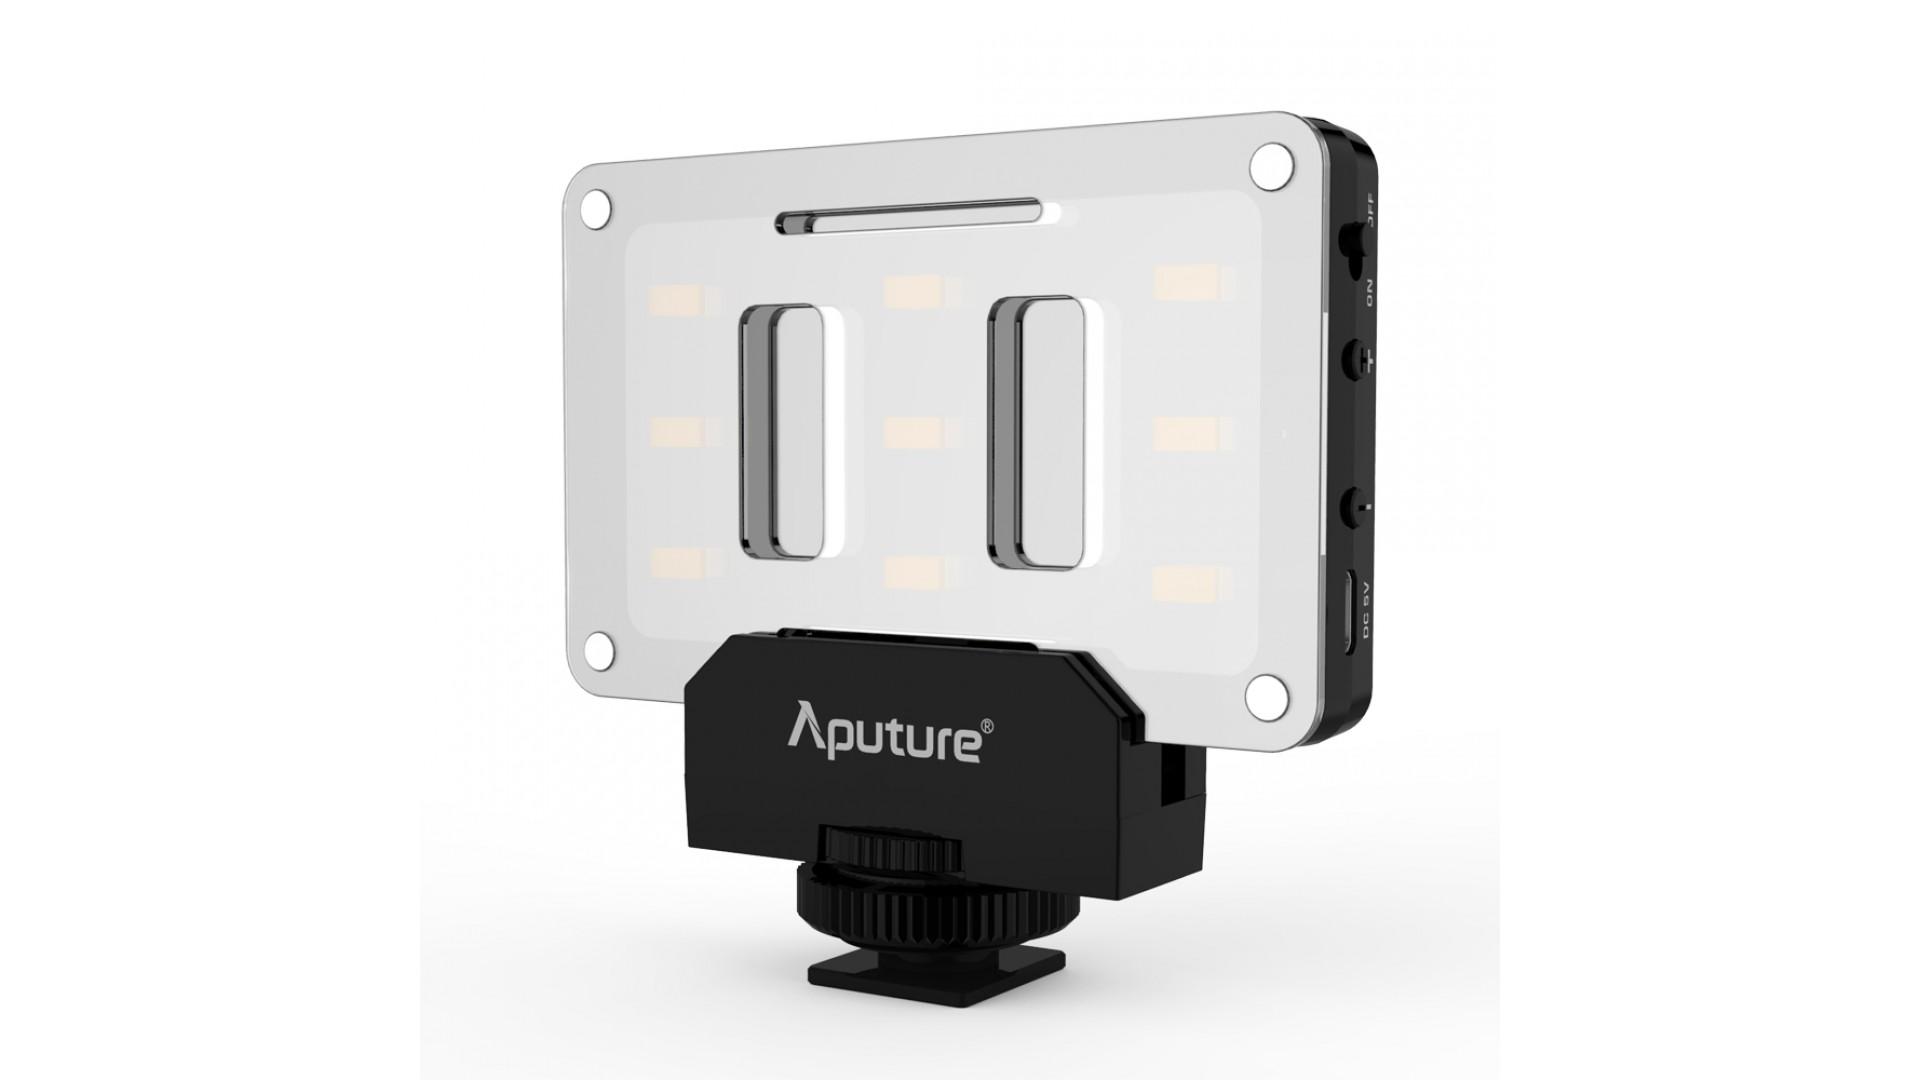 Apurture представила уникальный LED-осветитель Amaran M9